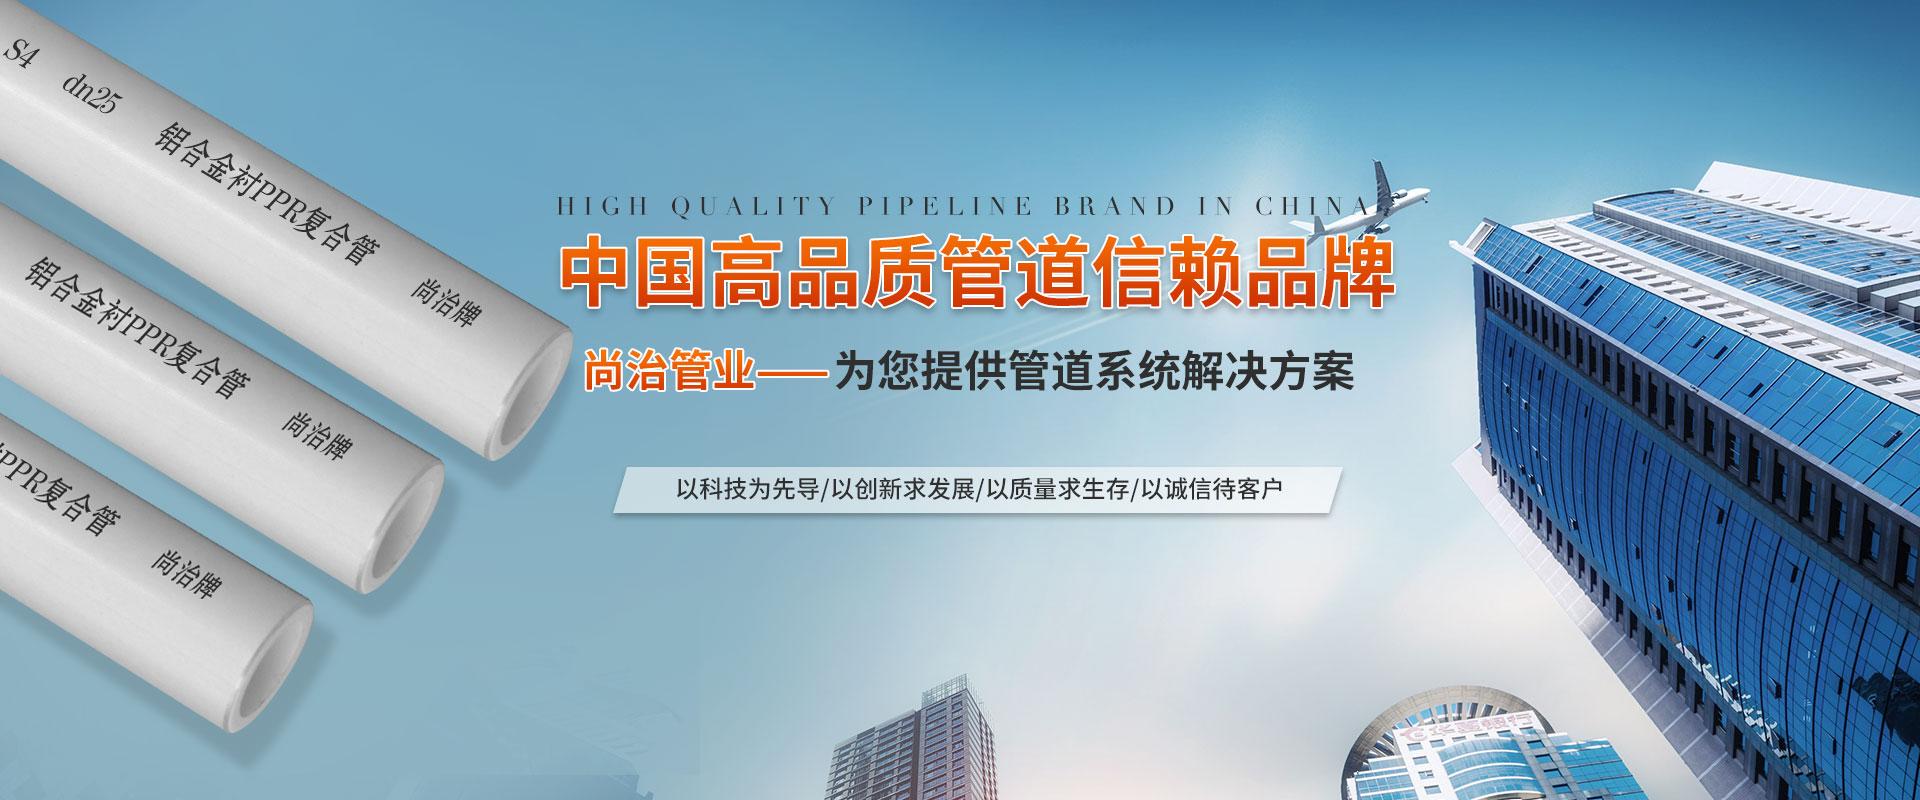 铝合金衬塑管厂家海报图